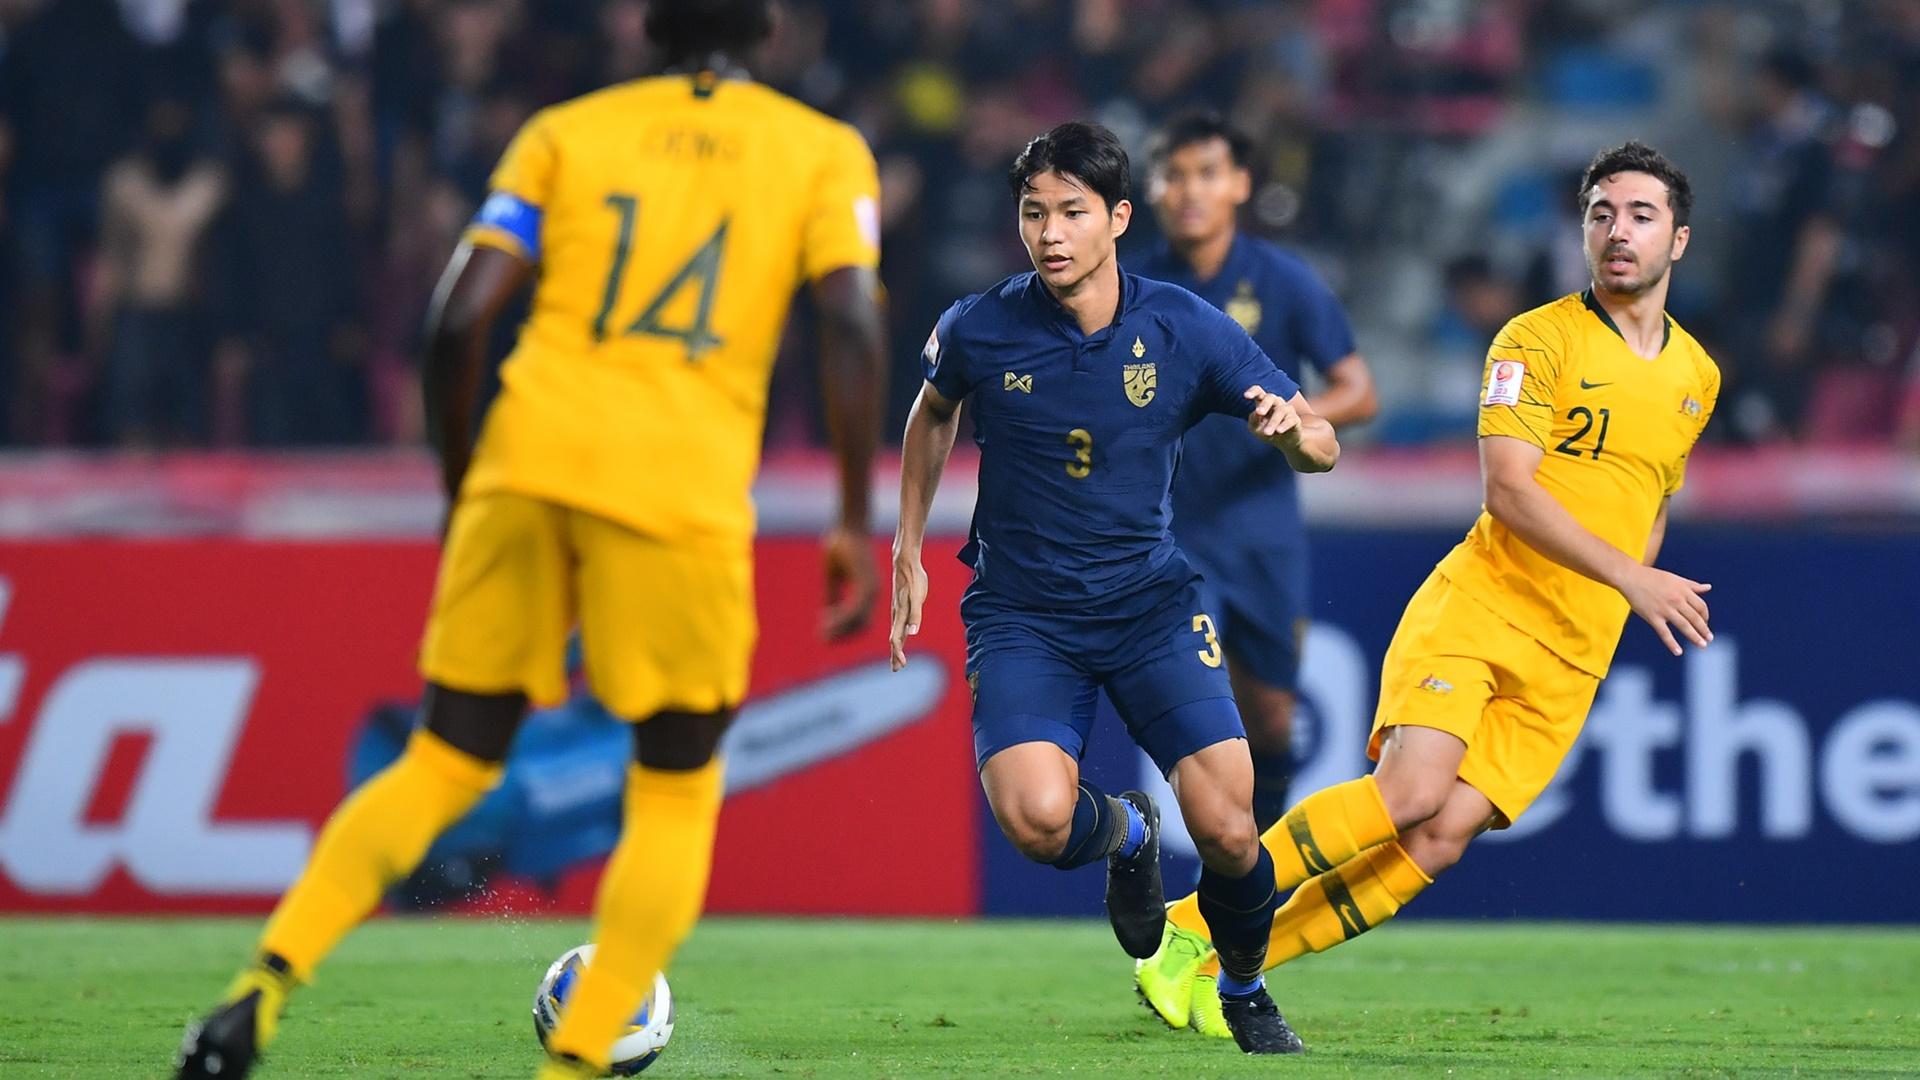 HLV Nishino ngậm ngùi, chỉ ra lý do U23 Thái Lan ôm hận trước Australia - Bóng Đá